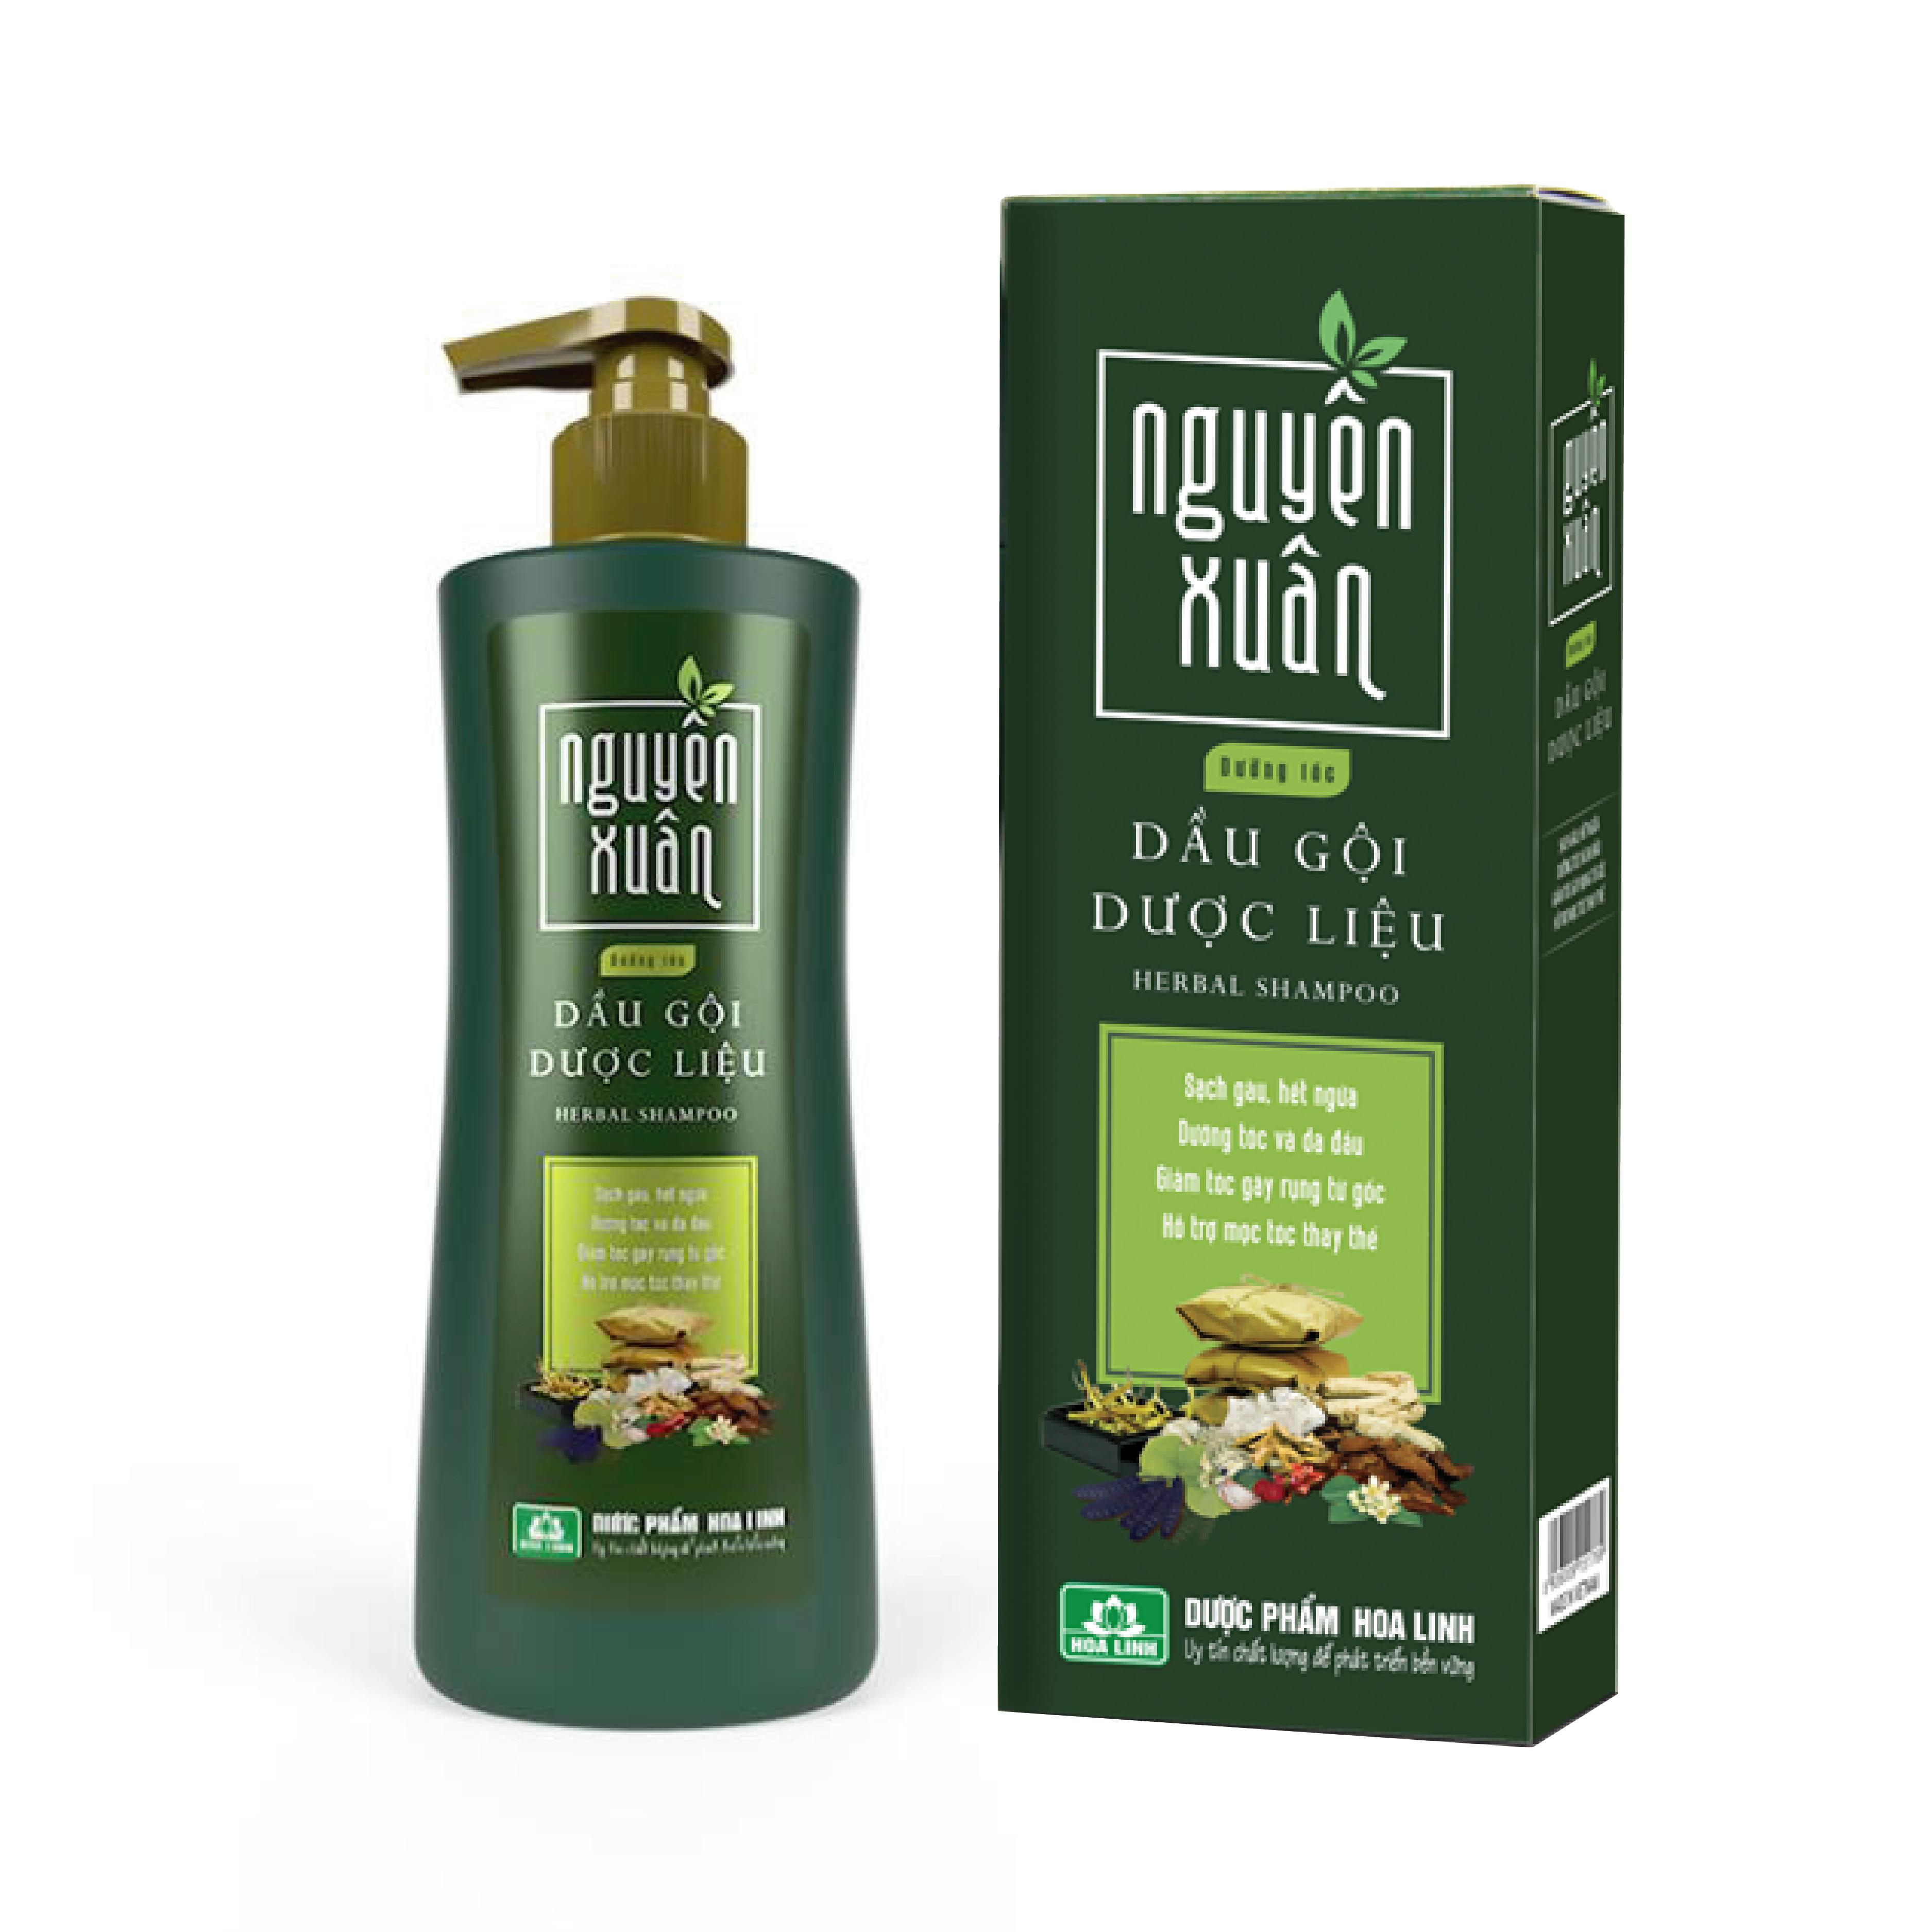 Dầu gội Dược liệu Nguyên Xuân xanh (Dưỡng tóc, phục hồi hư tổn) 250ml